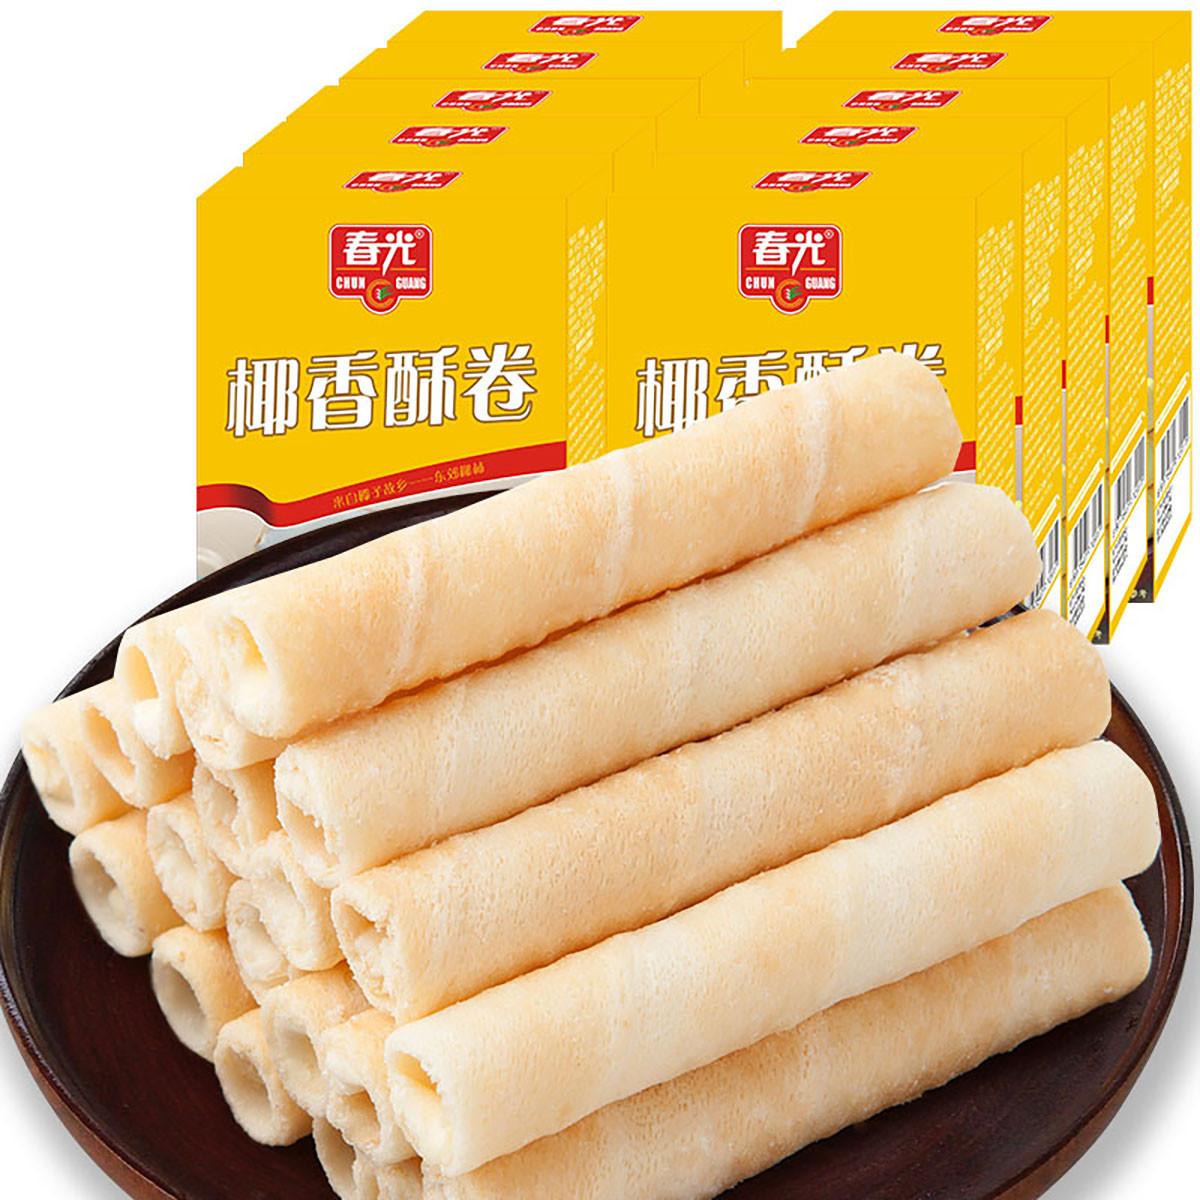 春光海南特产休闲零食早餐代餐下午茶饼干椰奶夹心酥卷60g*10盒COLOR银色